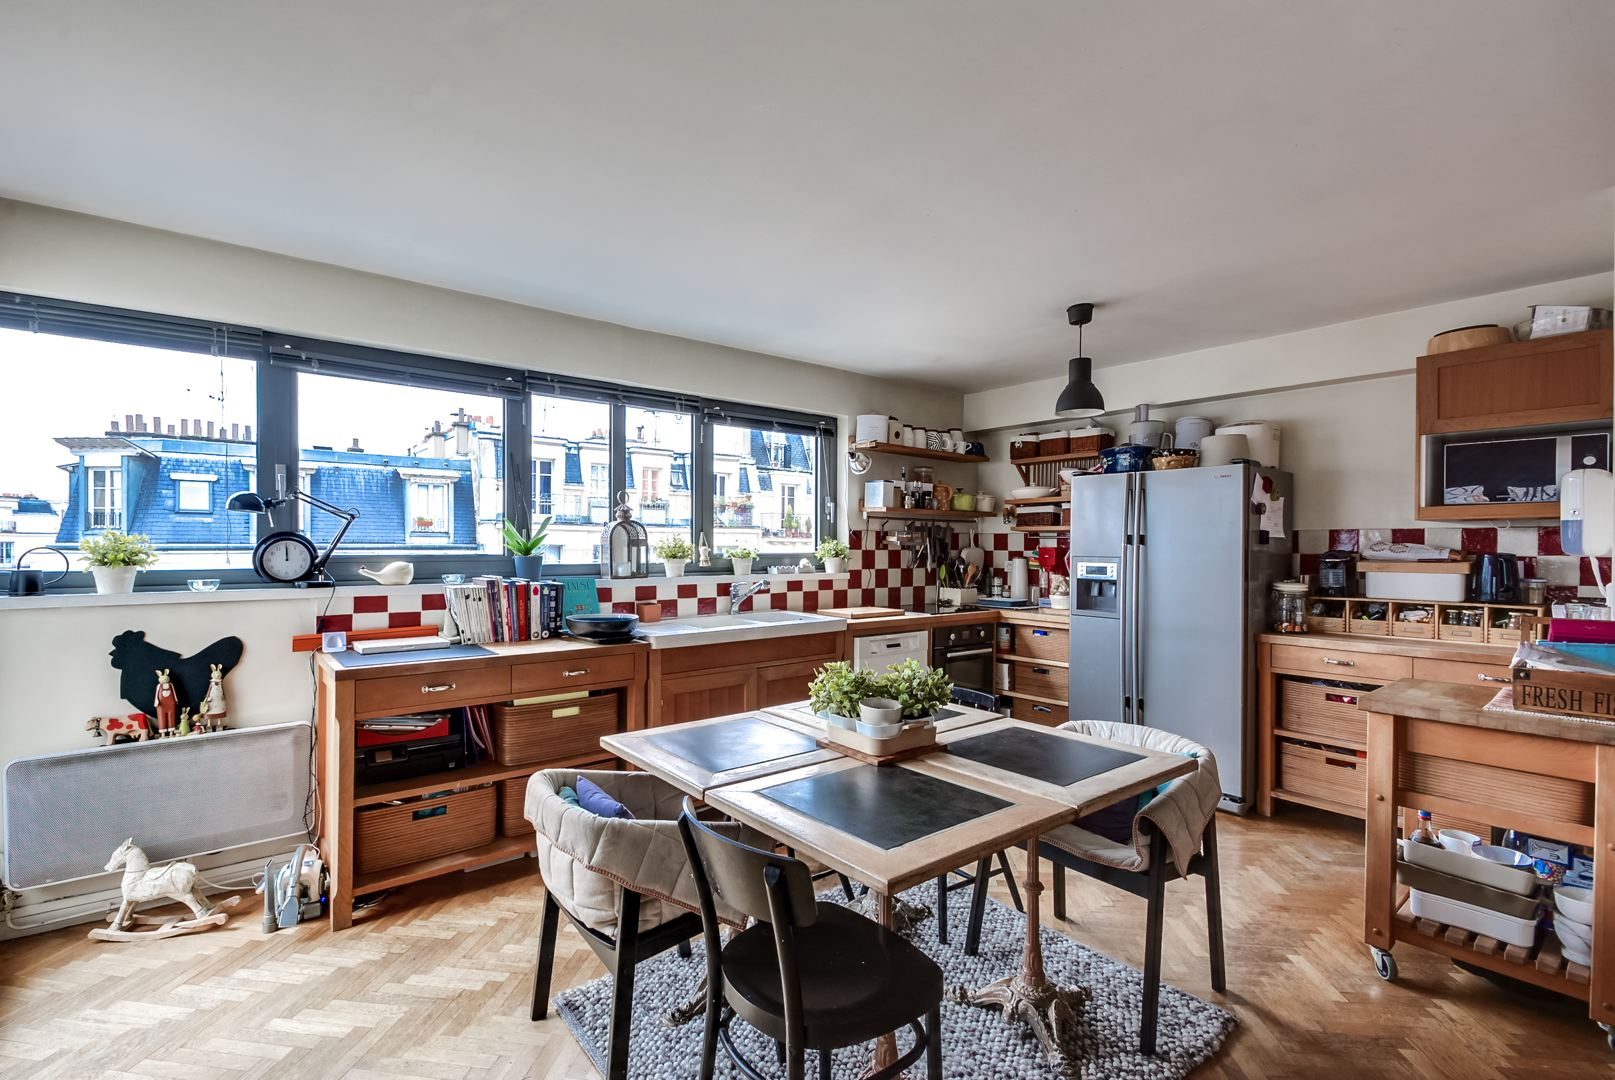 Dernier etage paris cuisine